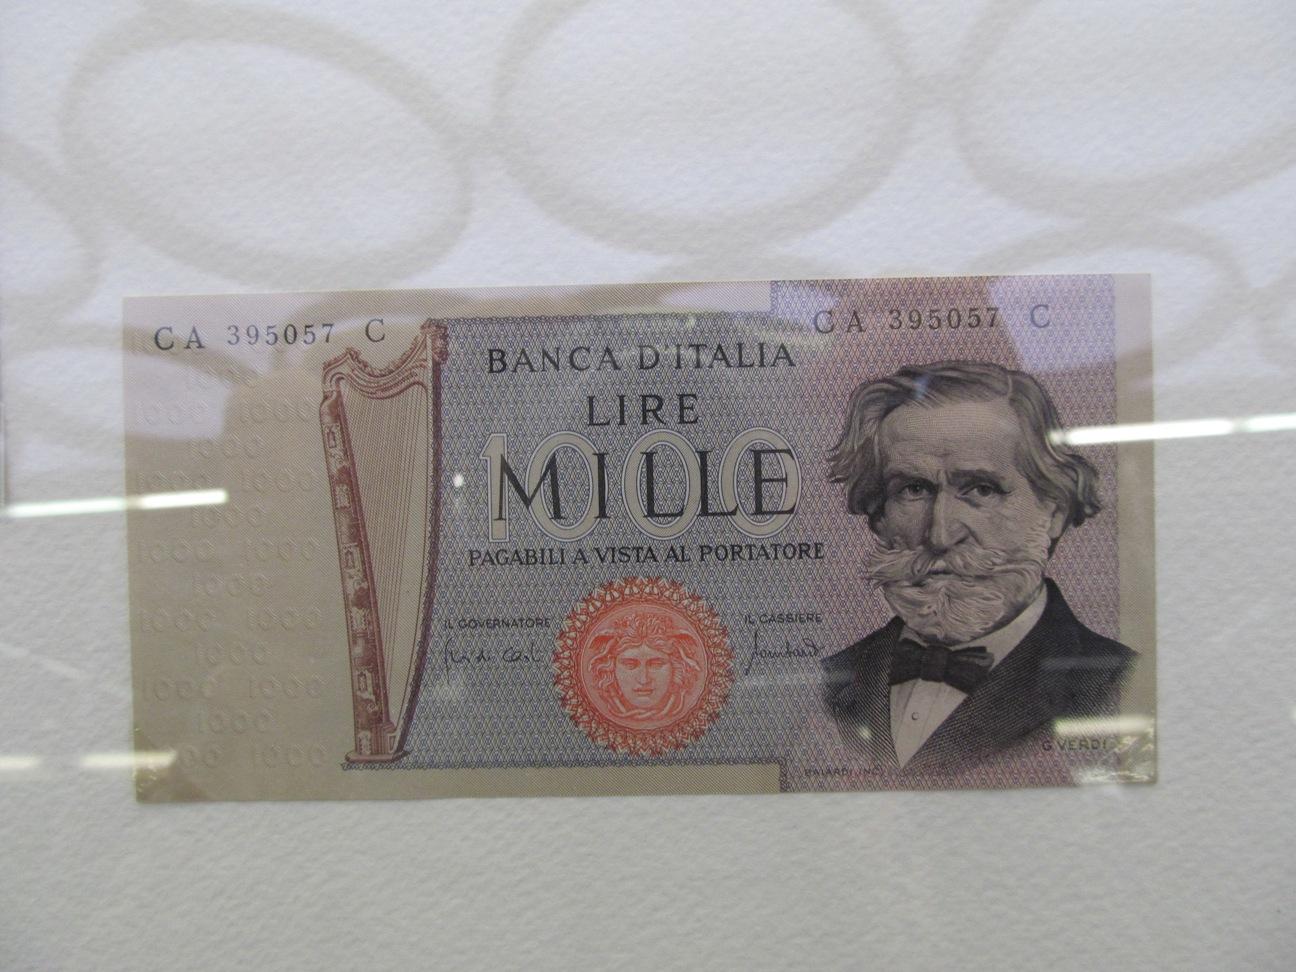 Banca Ditalia Pesaro Branch Recollecting Hidden Treasures On Fai